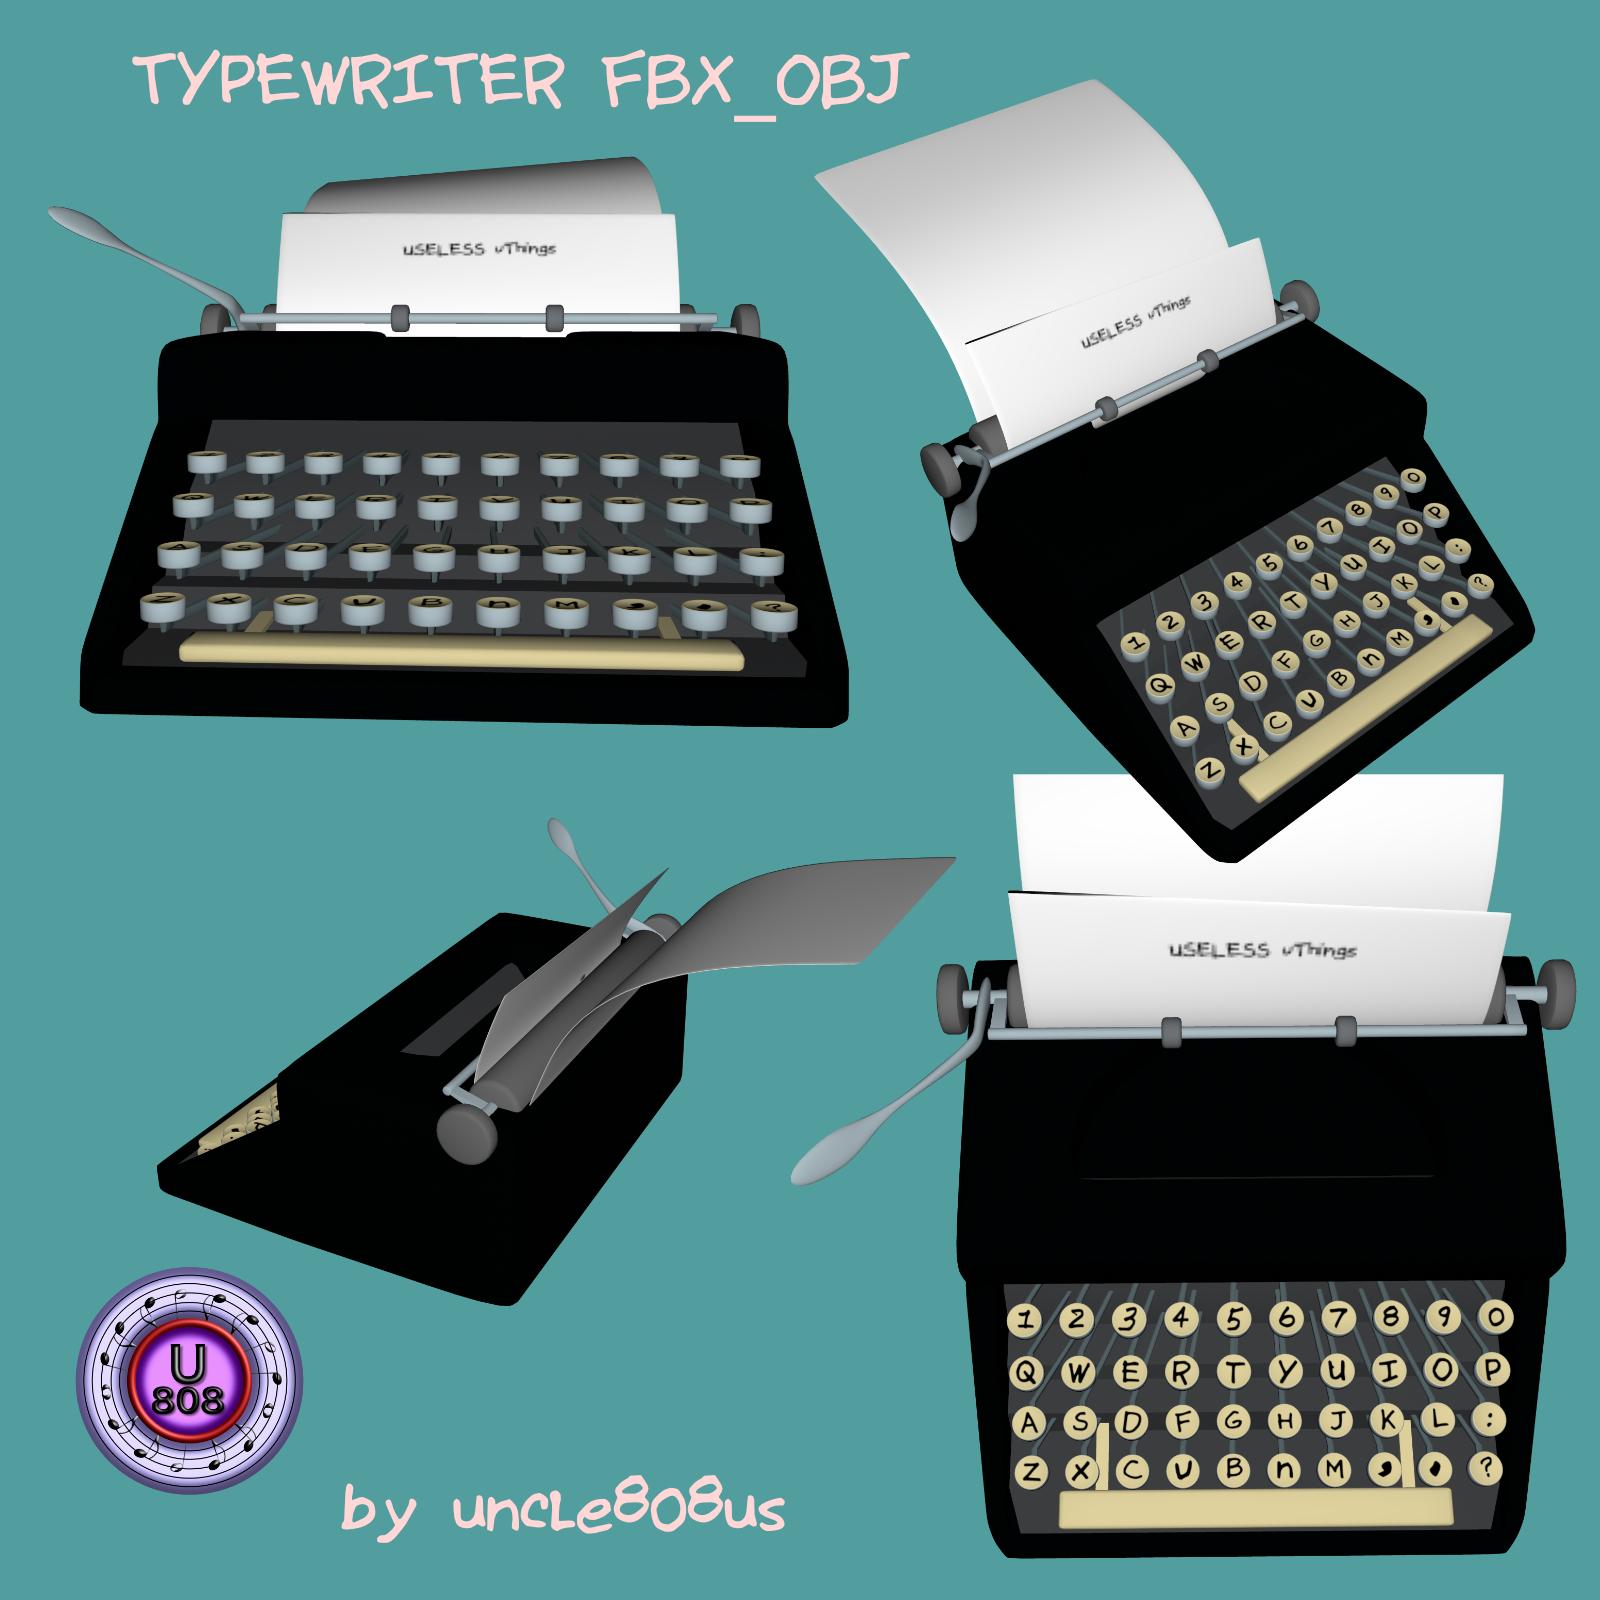 Typewriter_Old FBX OBJ 3d model fbx 264970